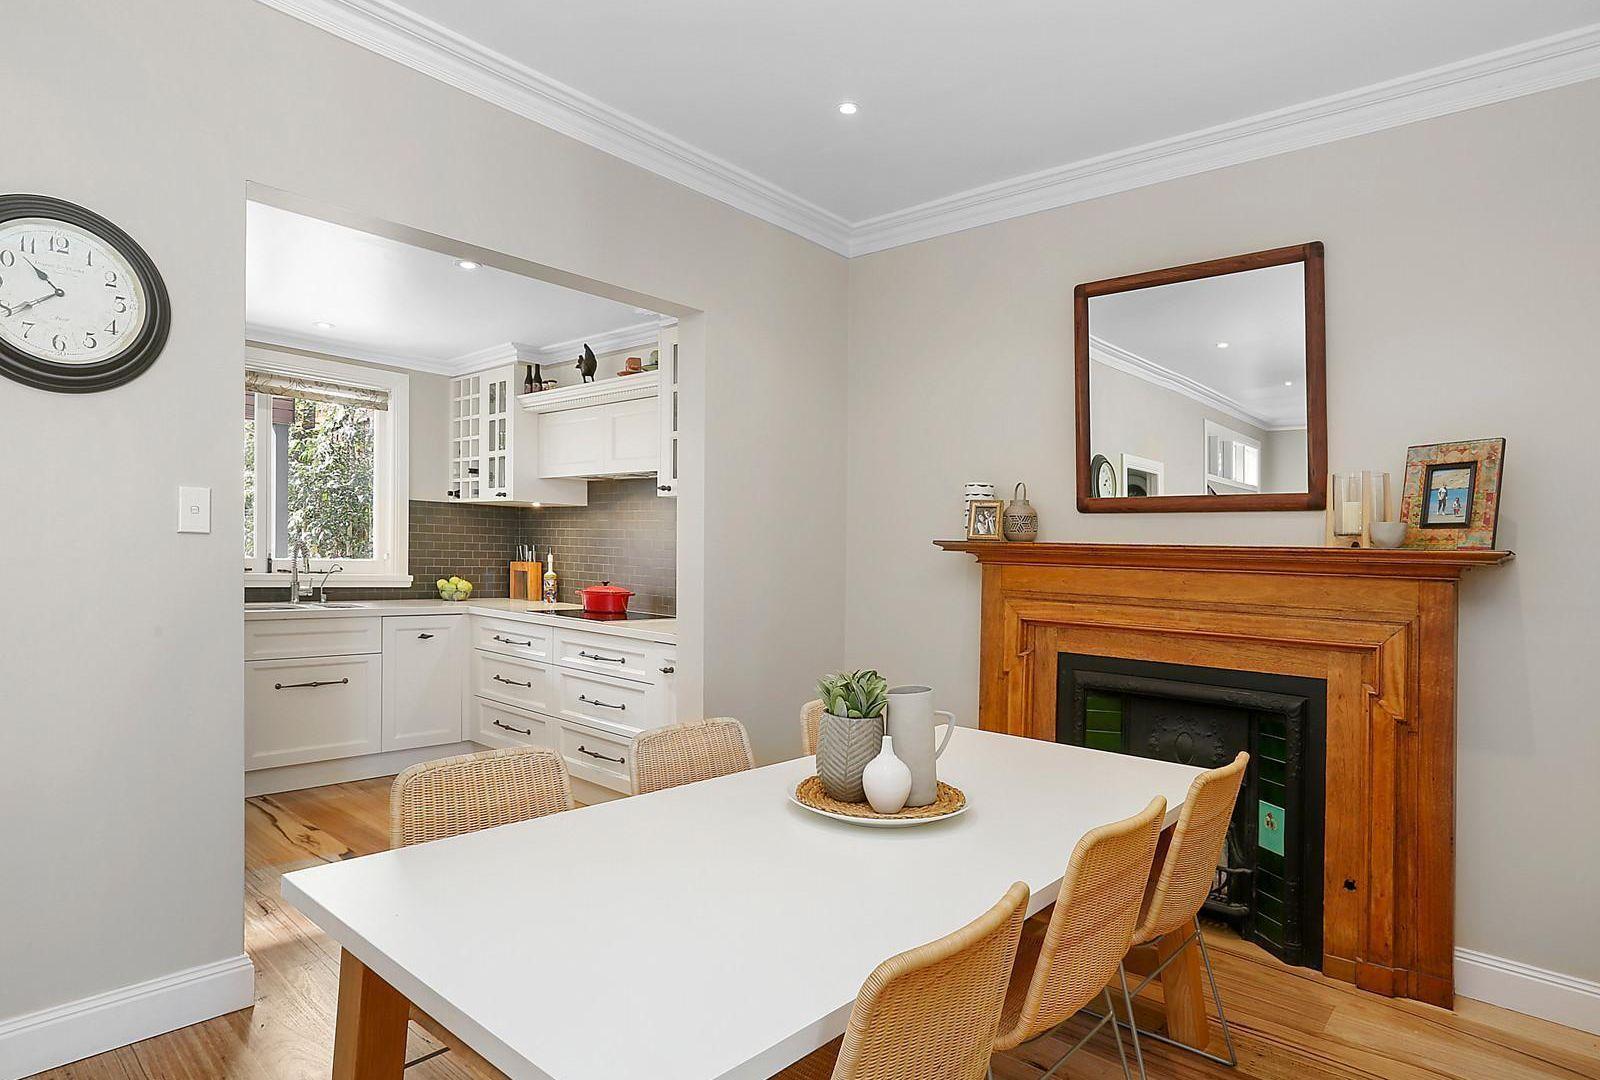 5 Water Street, BIRCHGROVE NSW 2041, Image 2